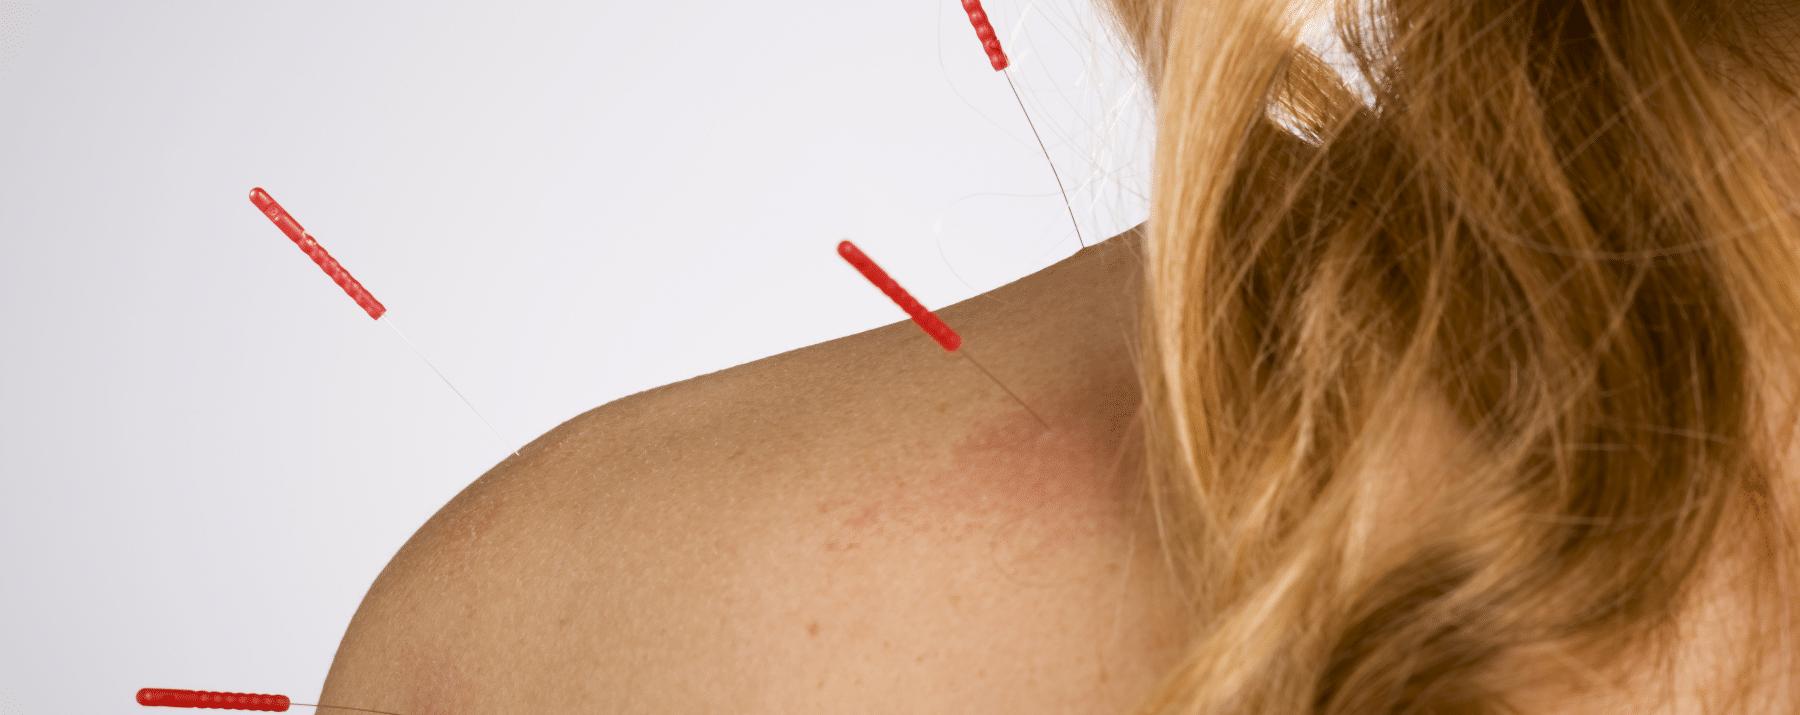 может ли мастопатия перерасти в рак